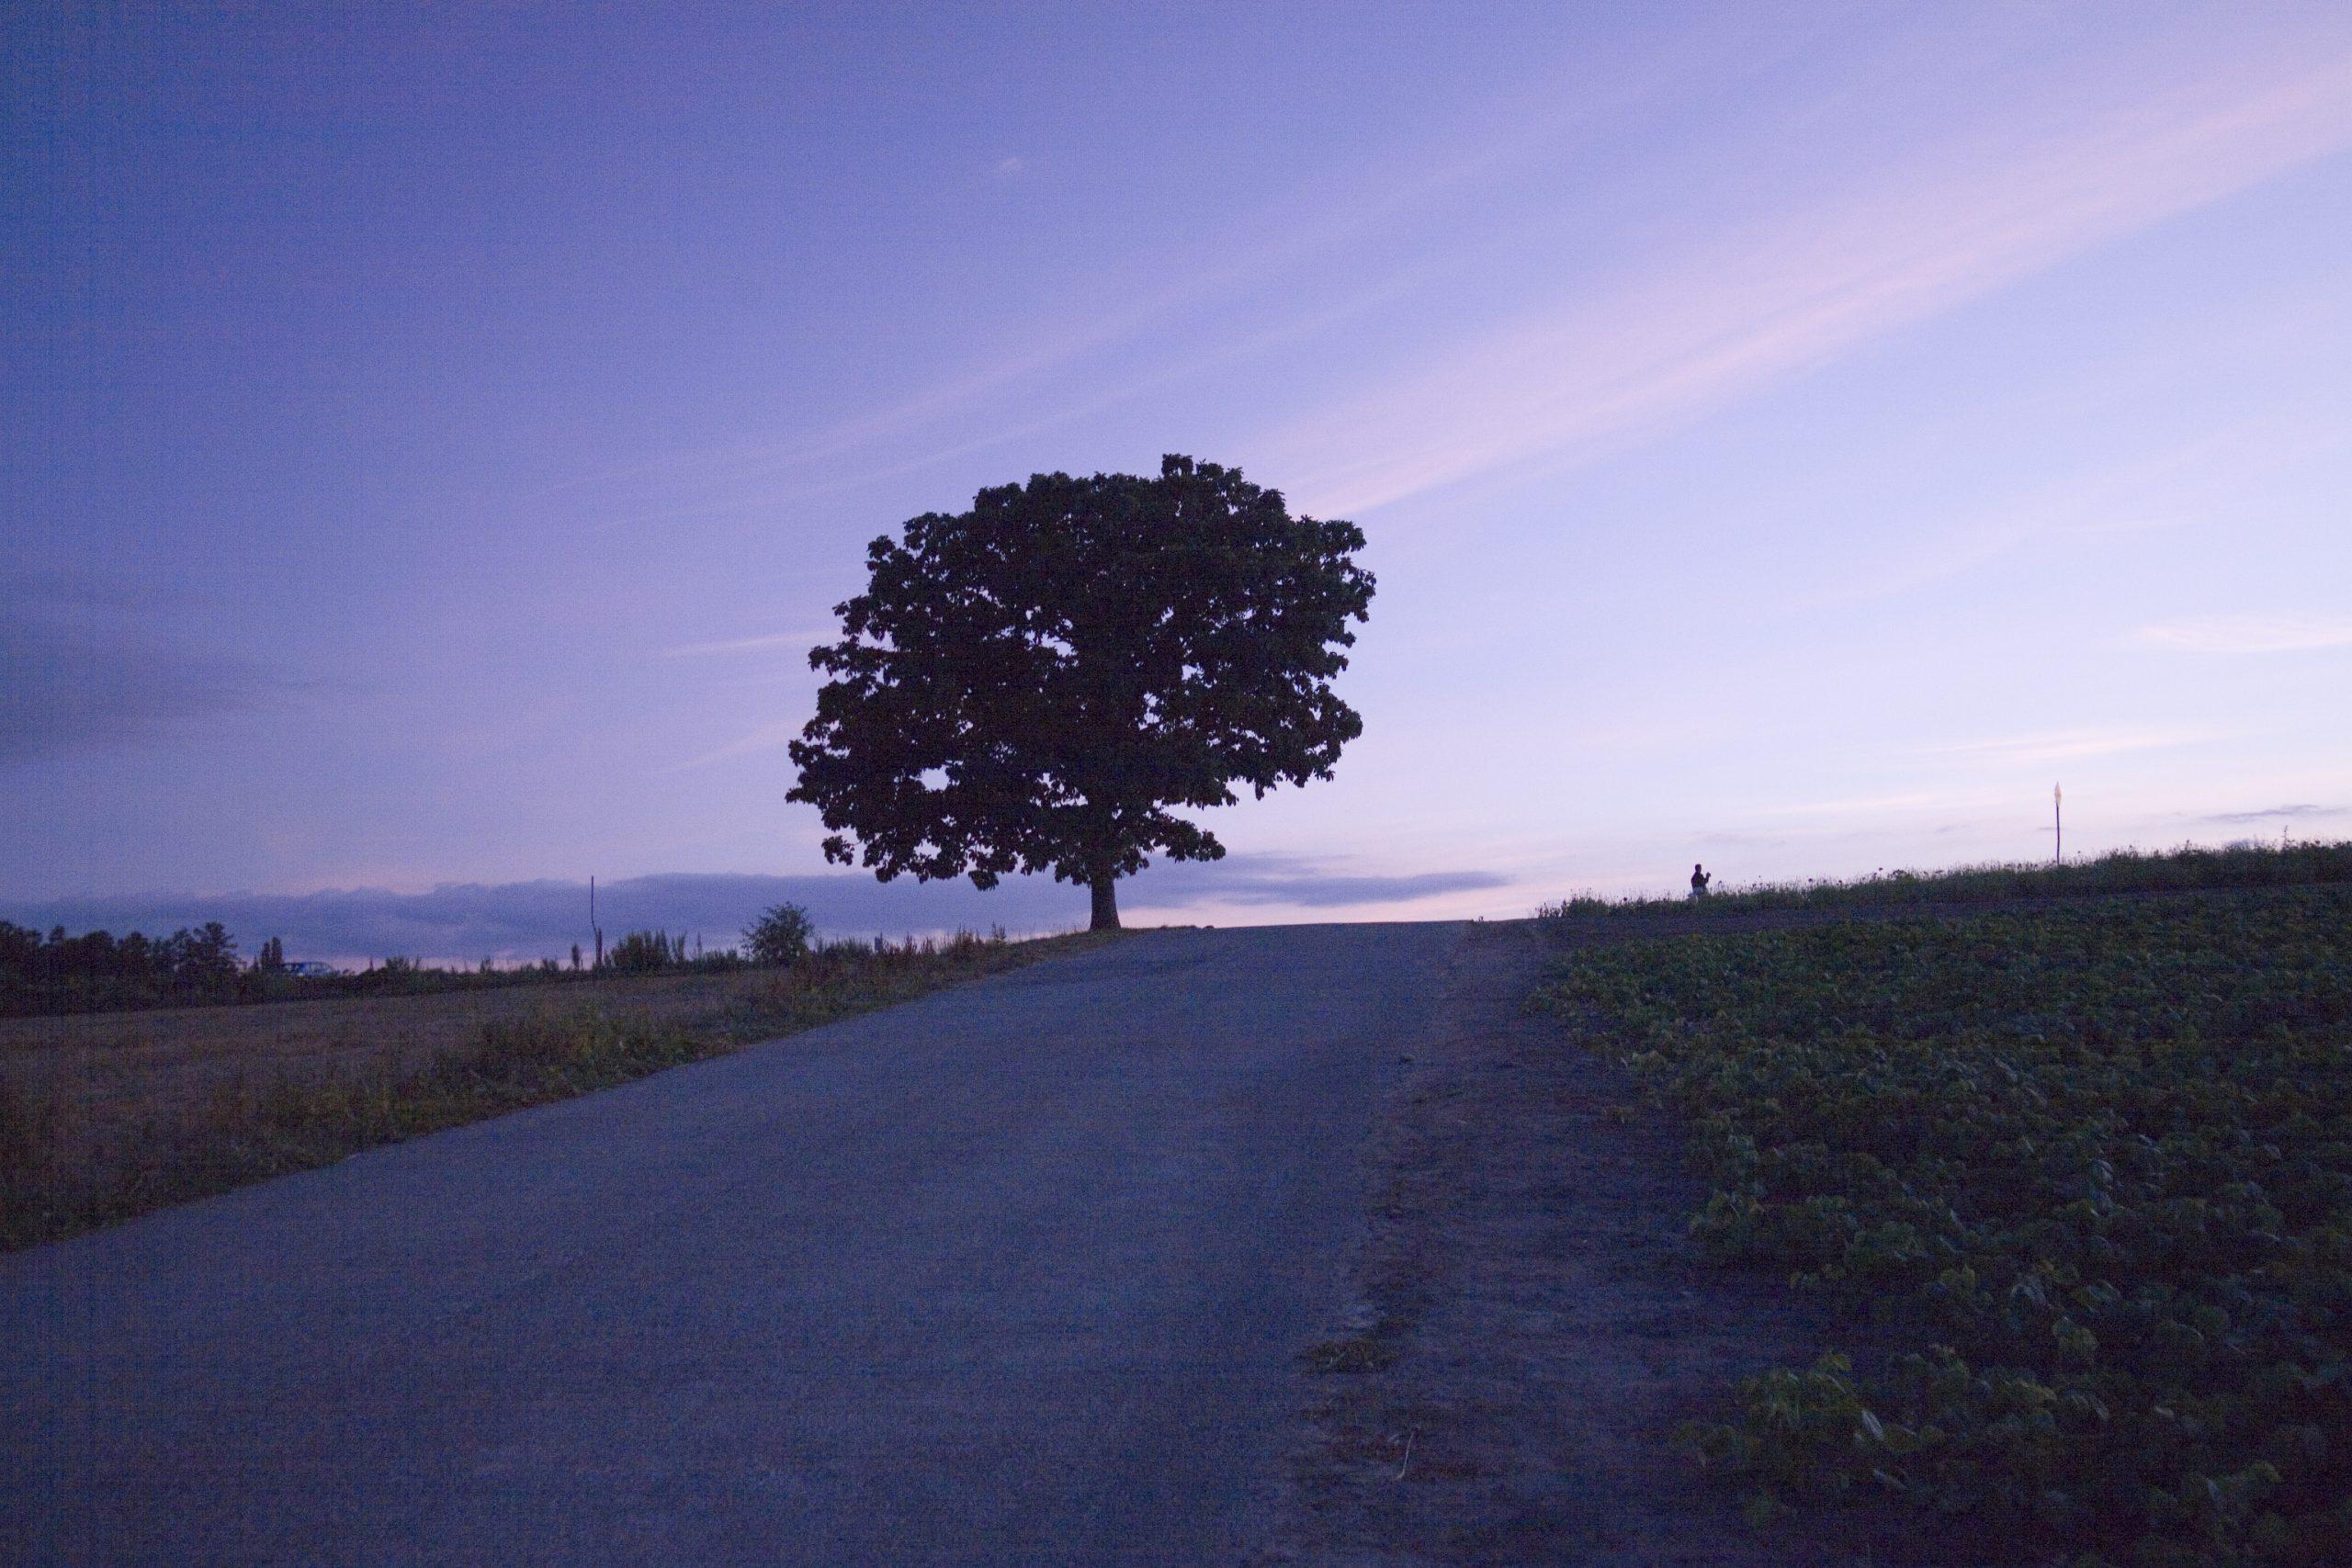 セブンスターの木の夕暮れ